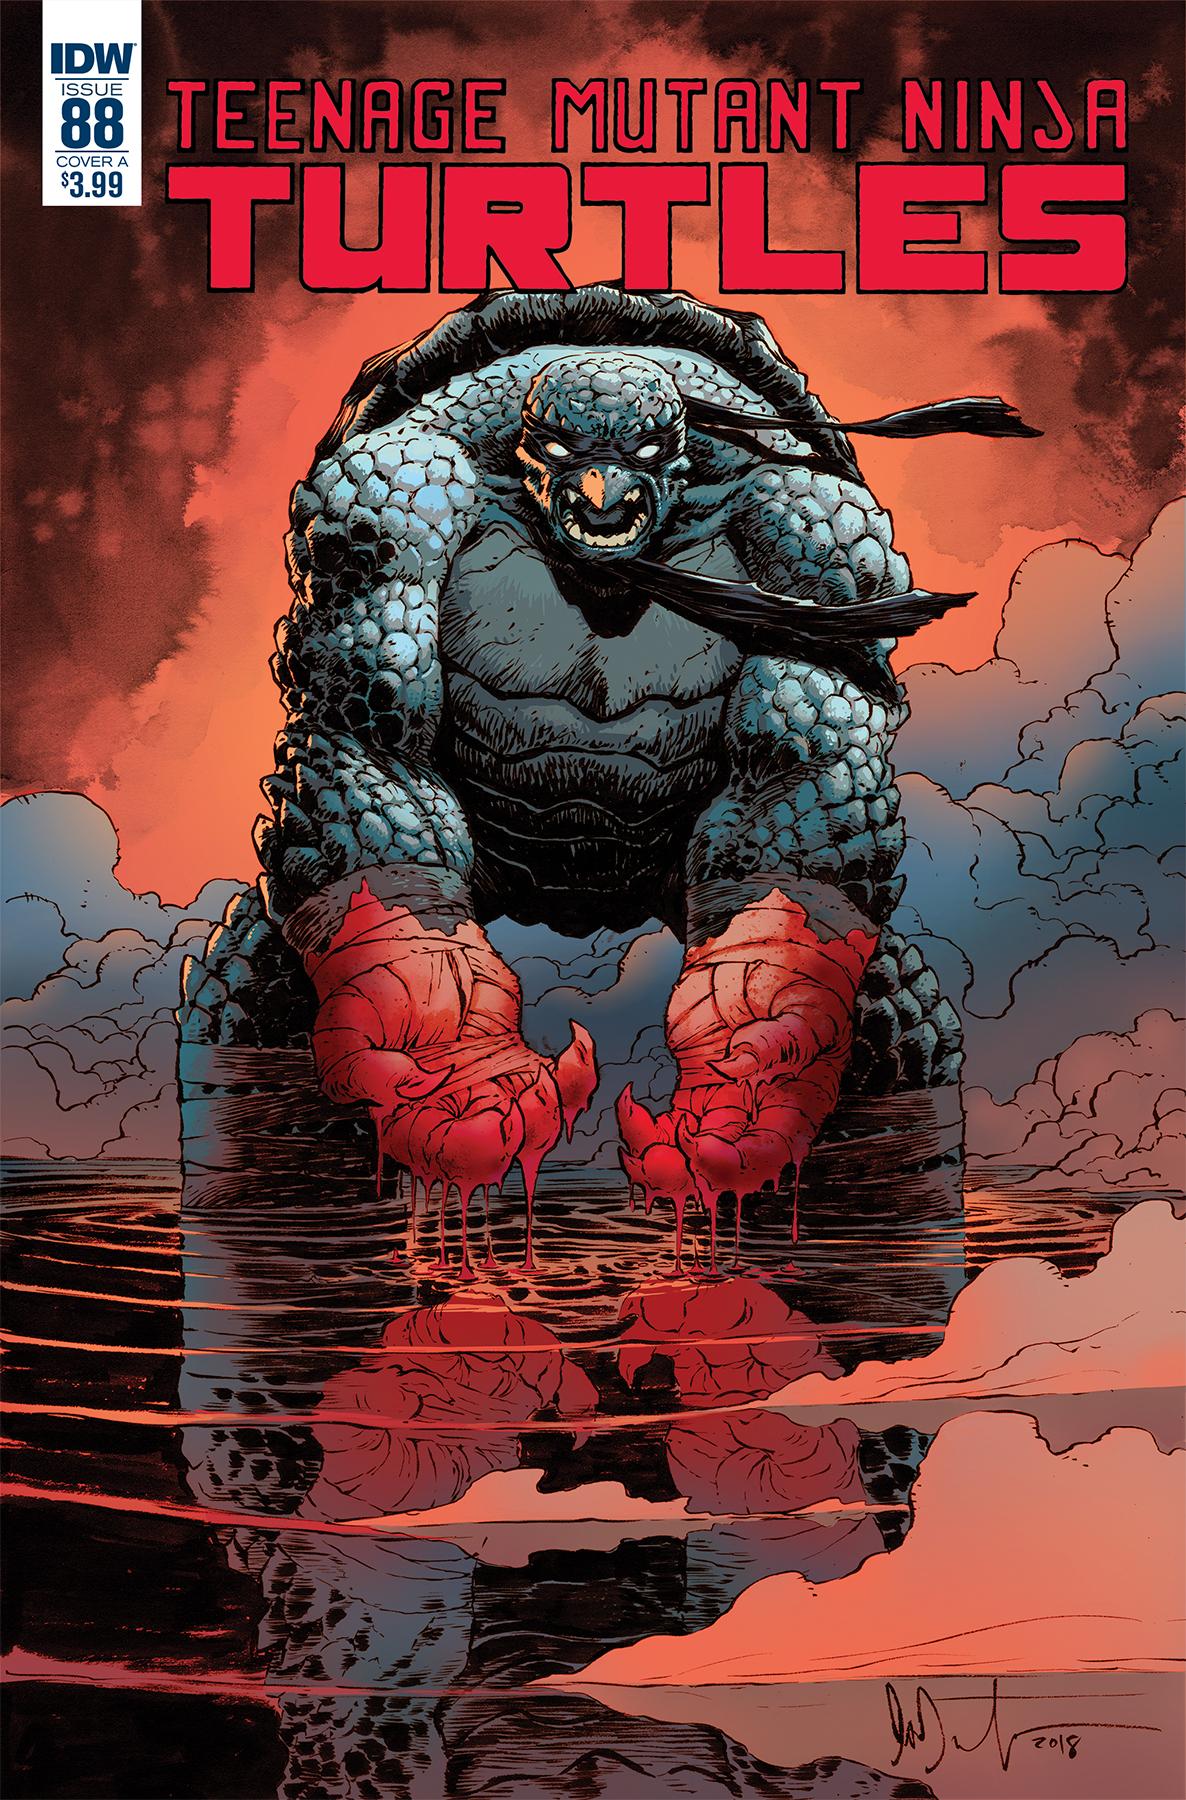 Teenage Mutant Ninja Turtles #88, IDW Publishing